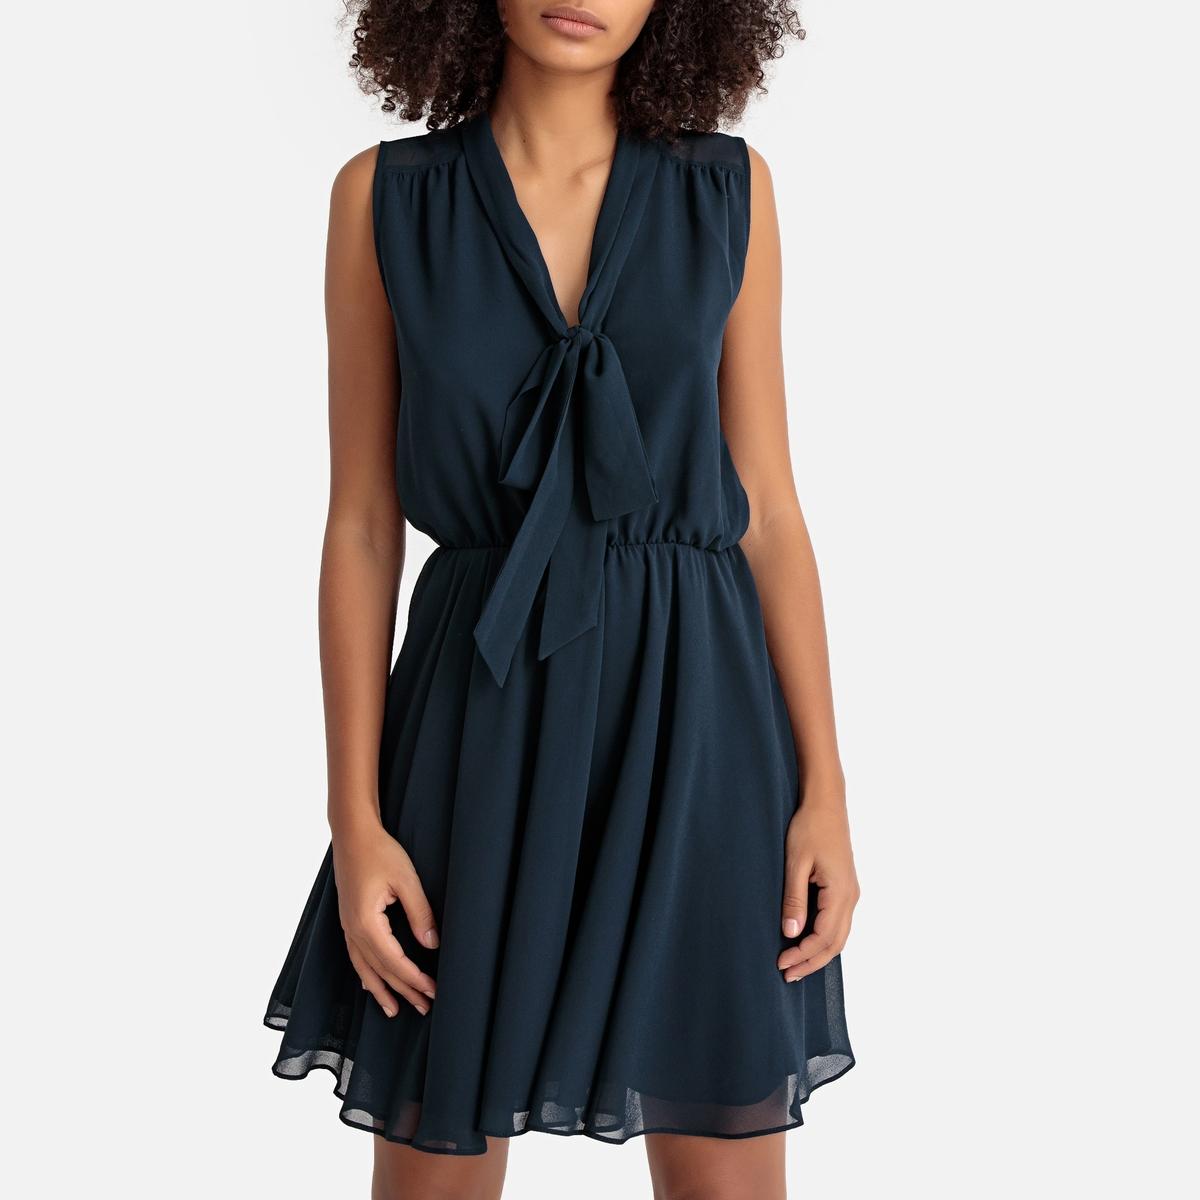 Платье La Redoute Расклешенное с вырезом с галстуком-бантом без рукавов L синий цена